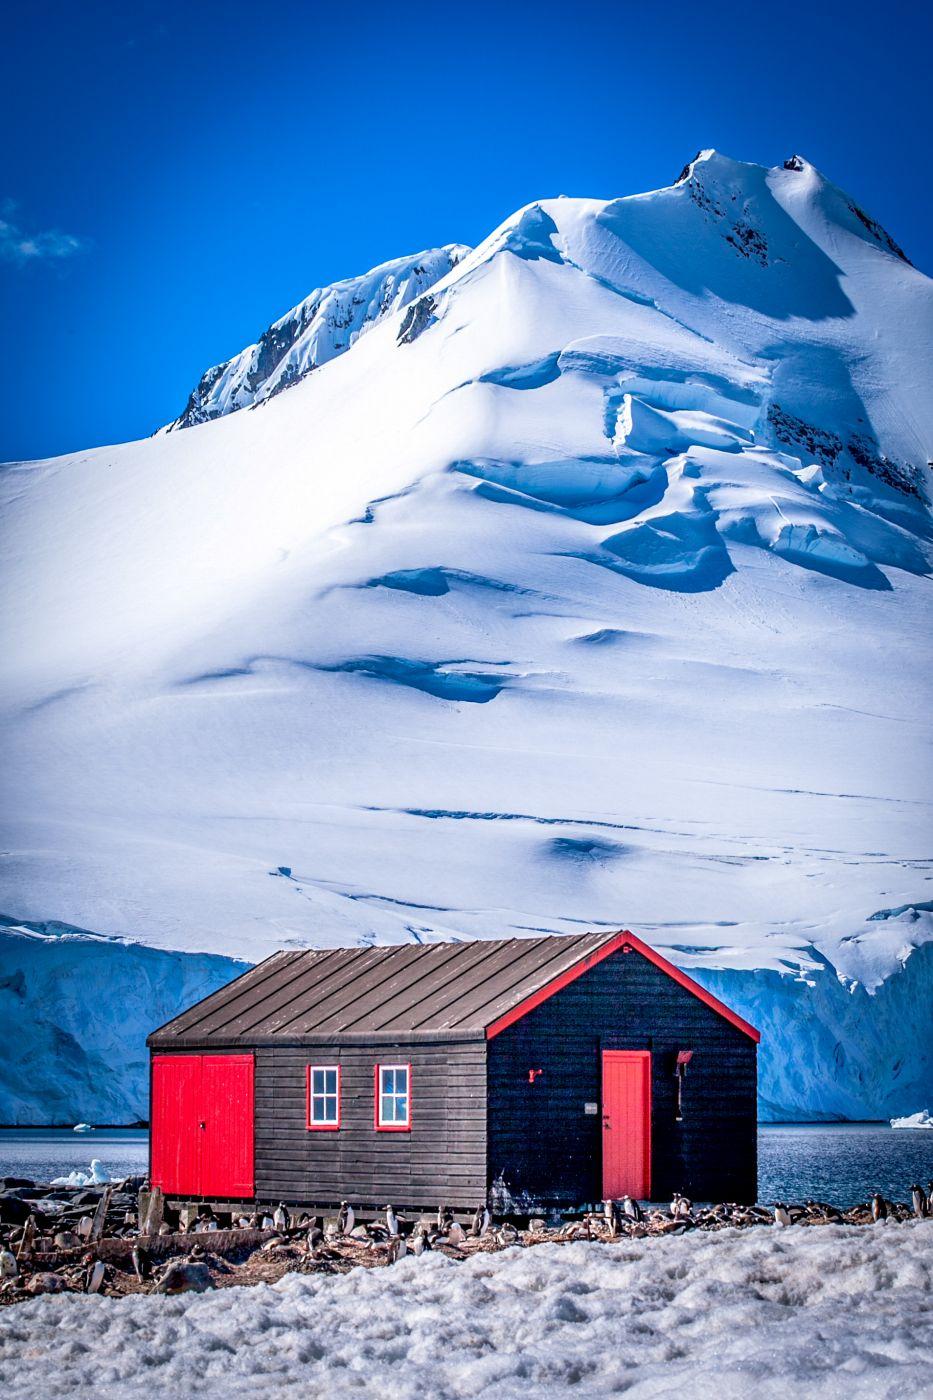 Hut at Port Lockroy, Antarctica, Antarctica